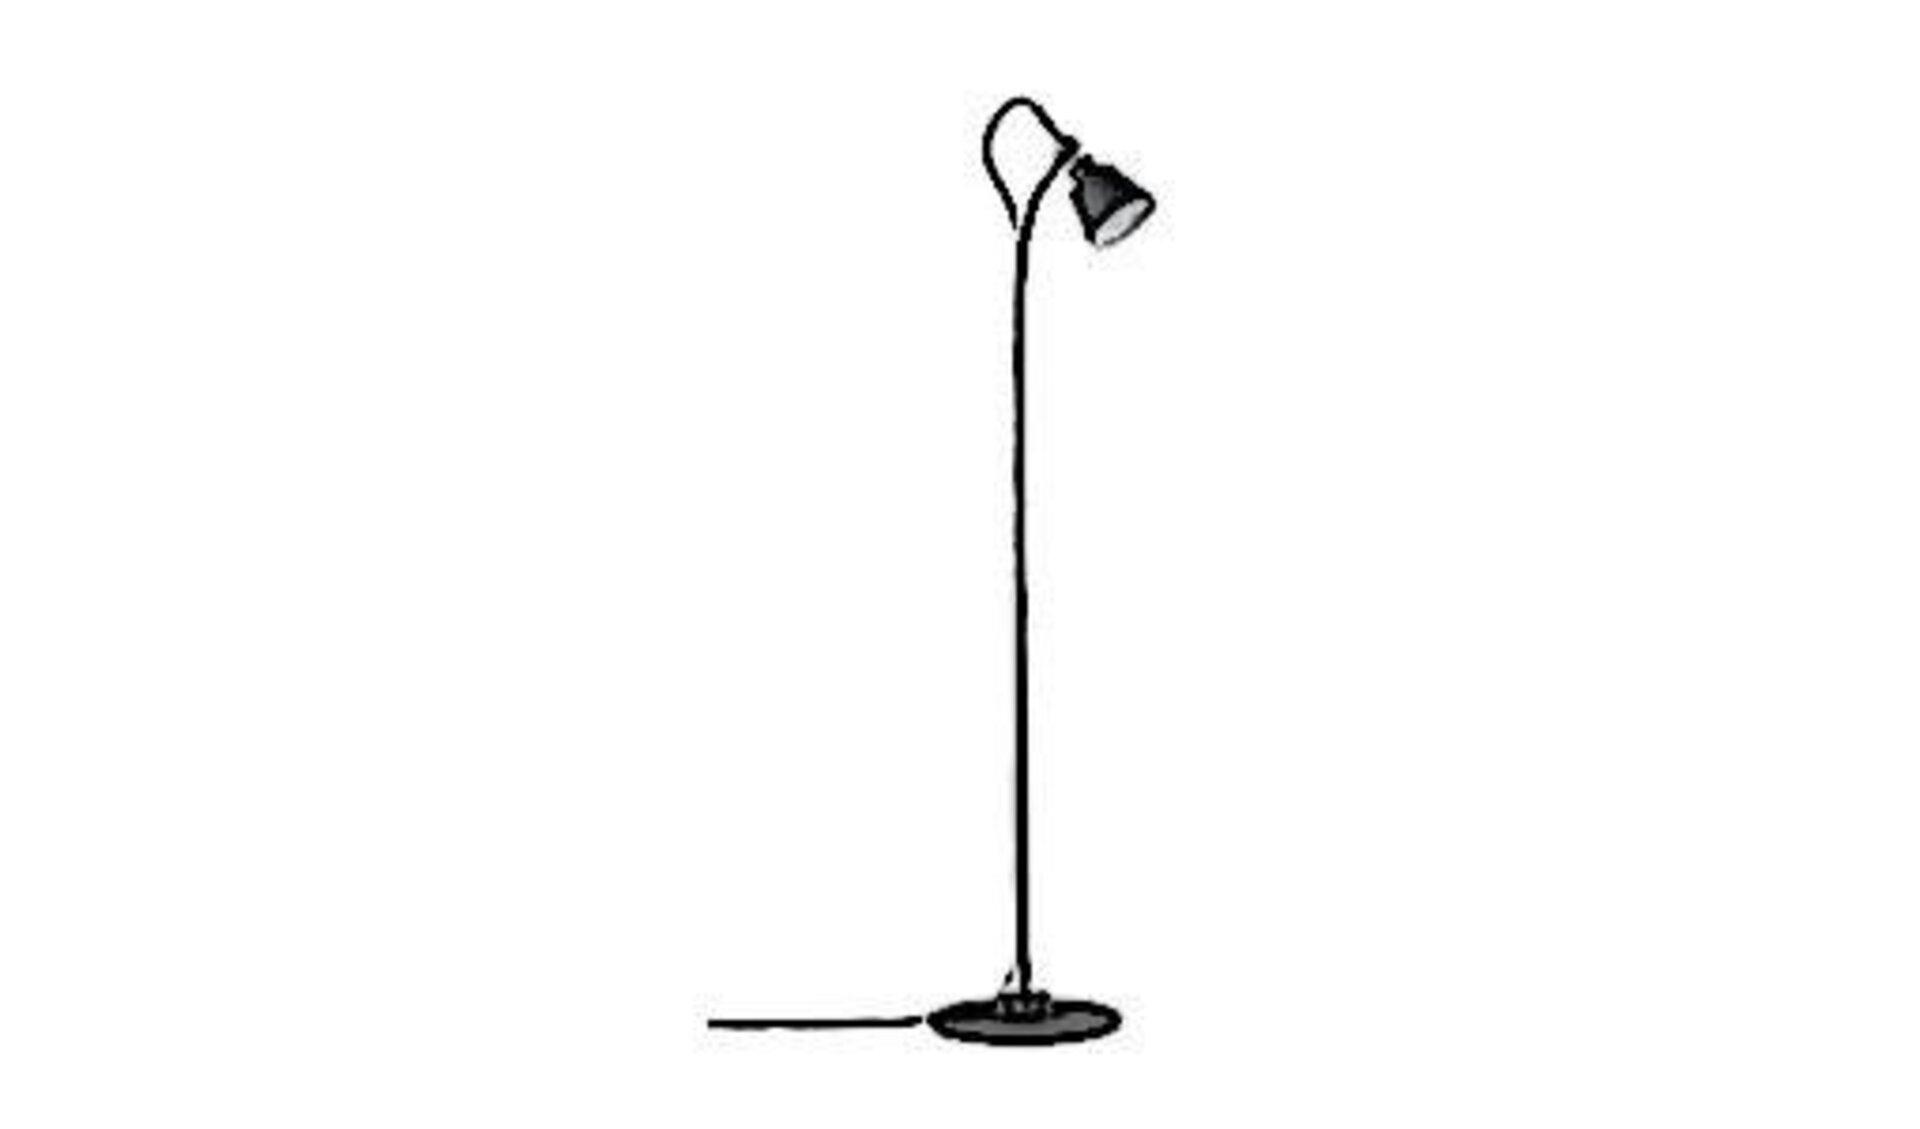 Schwarze Stehlampe mit kleinem Lampenschirm am Ende einer langen, gebogenen Stange steht als Sinnbild für alle Stehlampen.